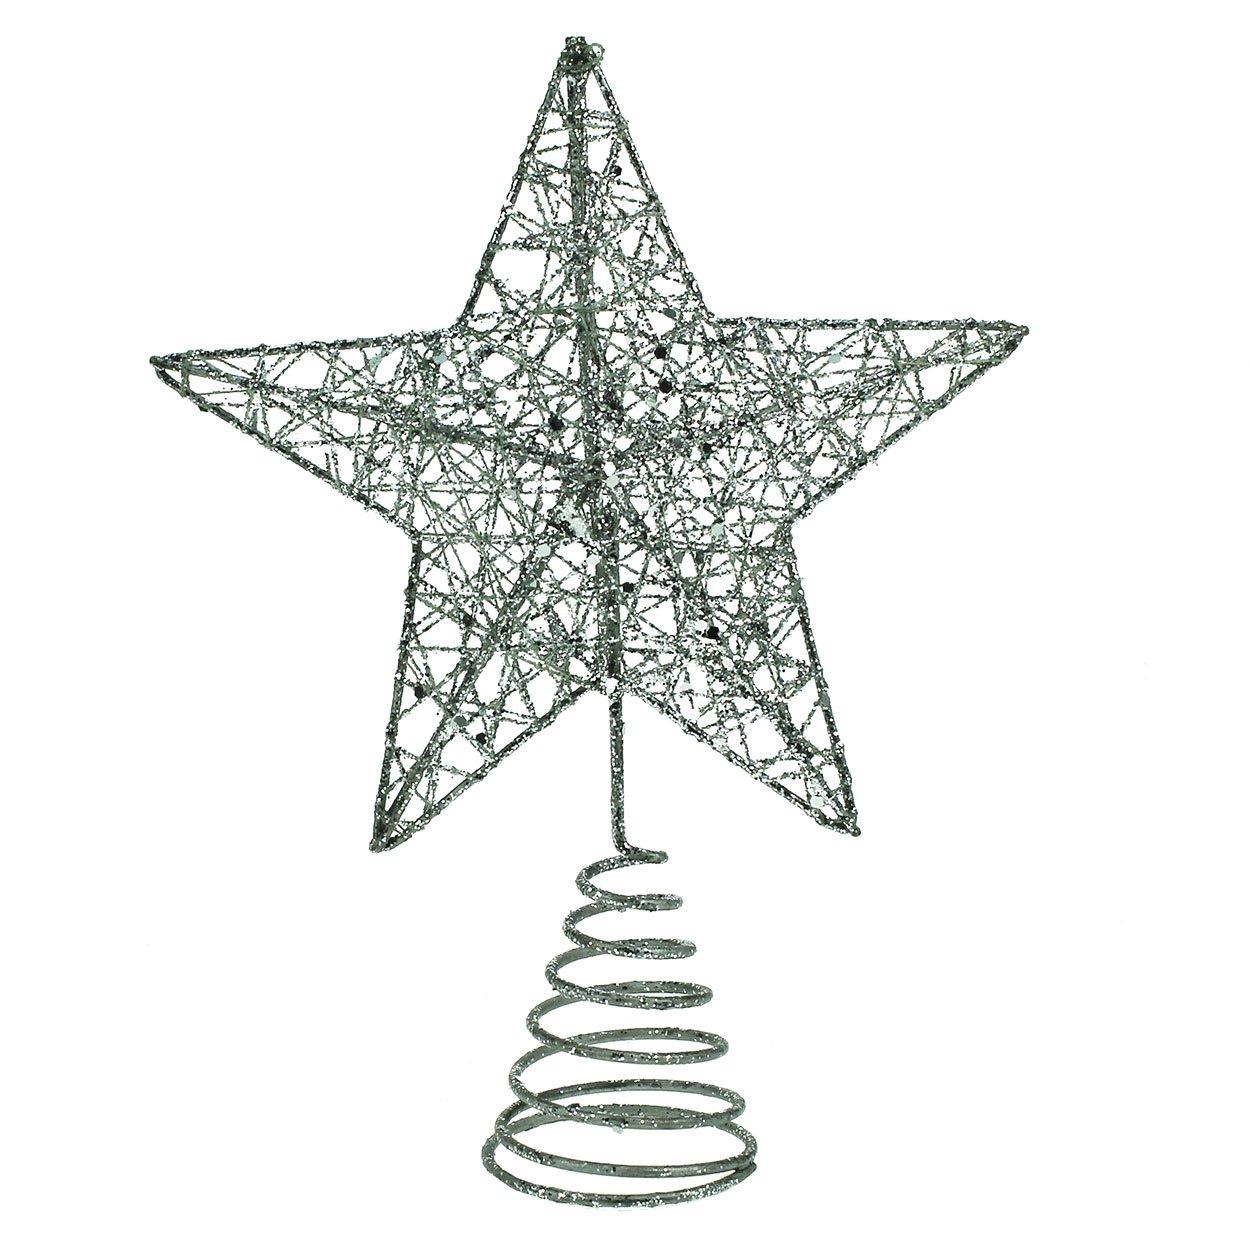 Großzügig Draht Weihnachtsbaum Mit Lichtern Zeitgenössisch ...